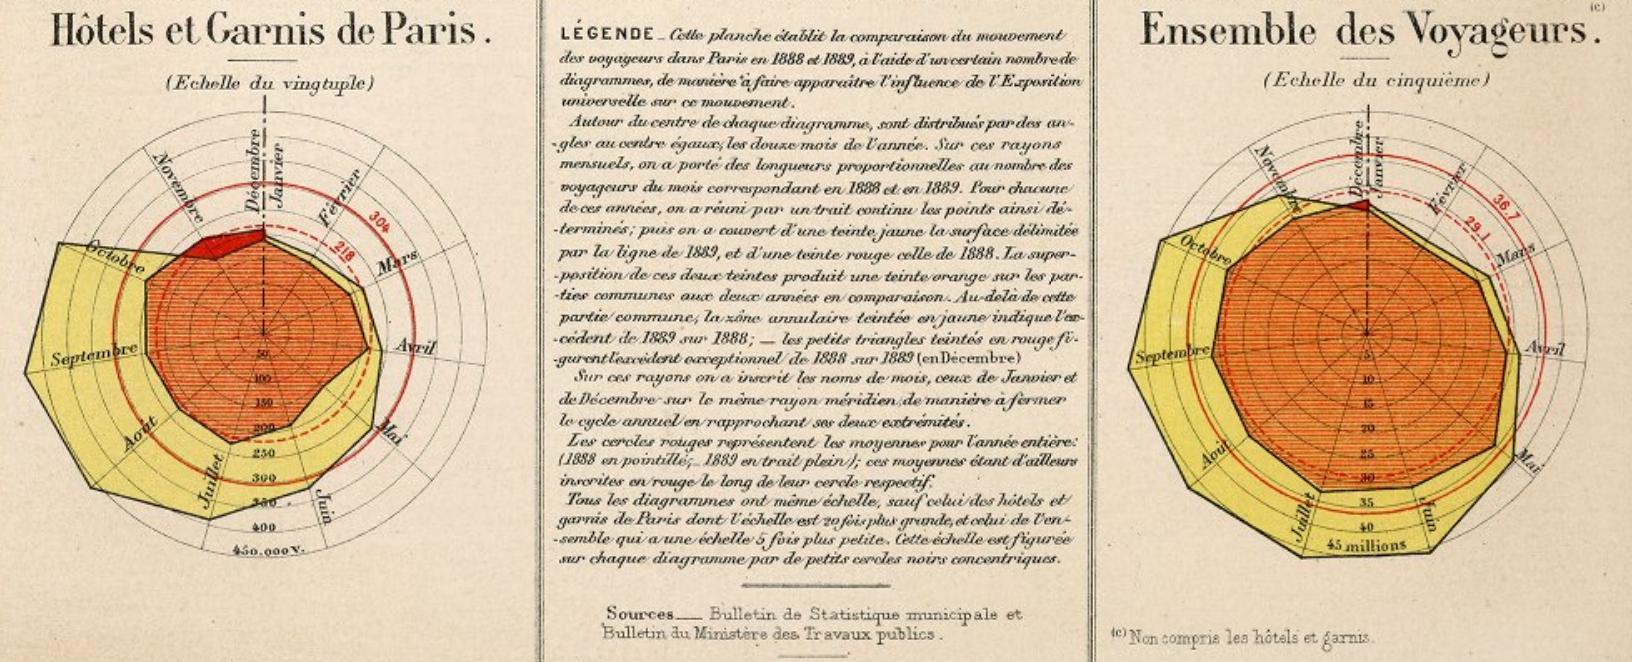 AlbumStatistiqueGraphique-MouvementDesVoyageursPourExpositionUniverselleDe1889